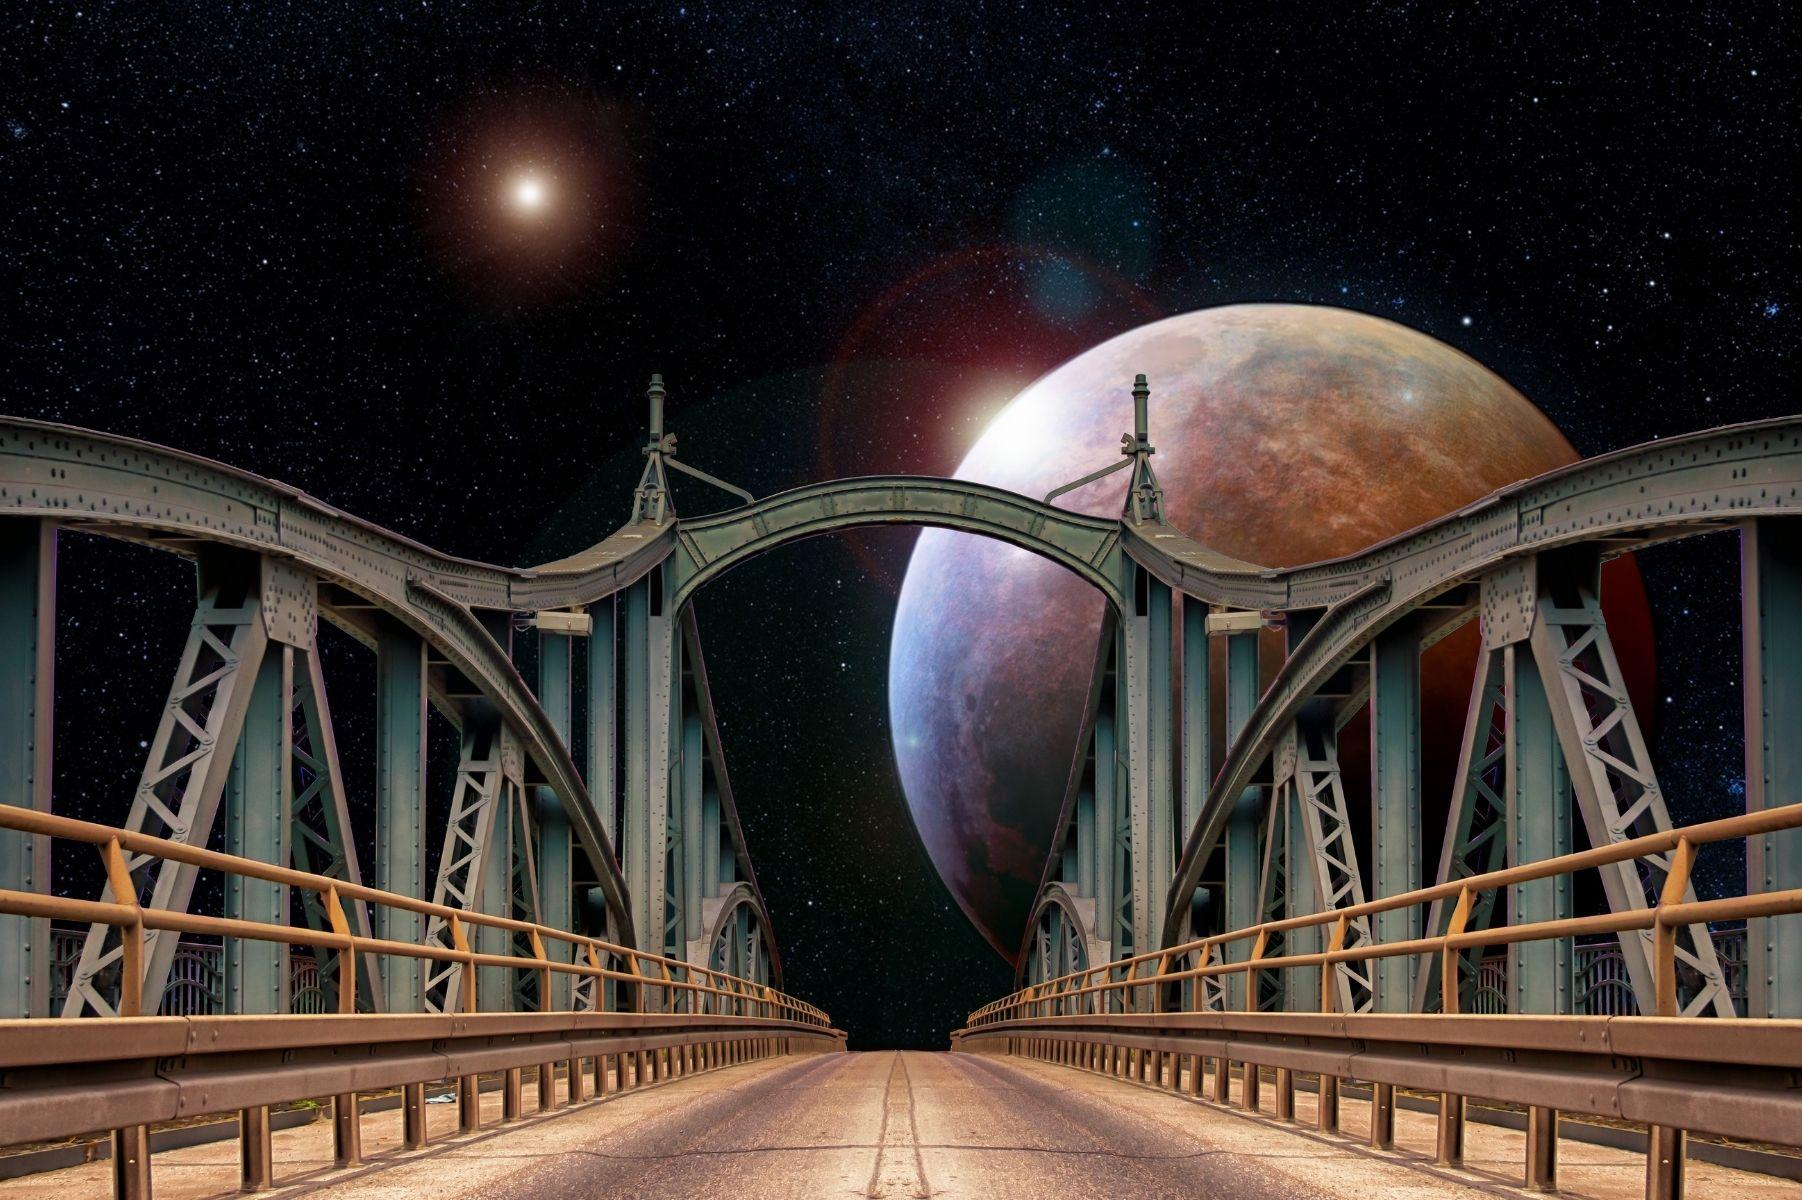 Marte na astrologia: relação com signos e planetas